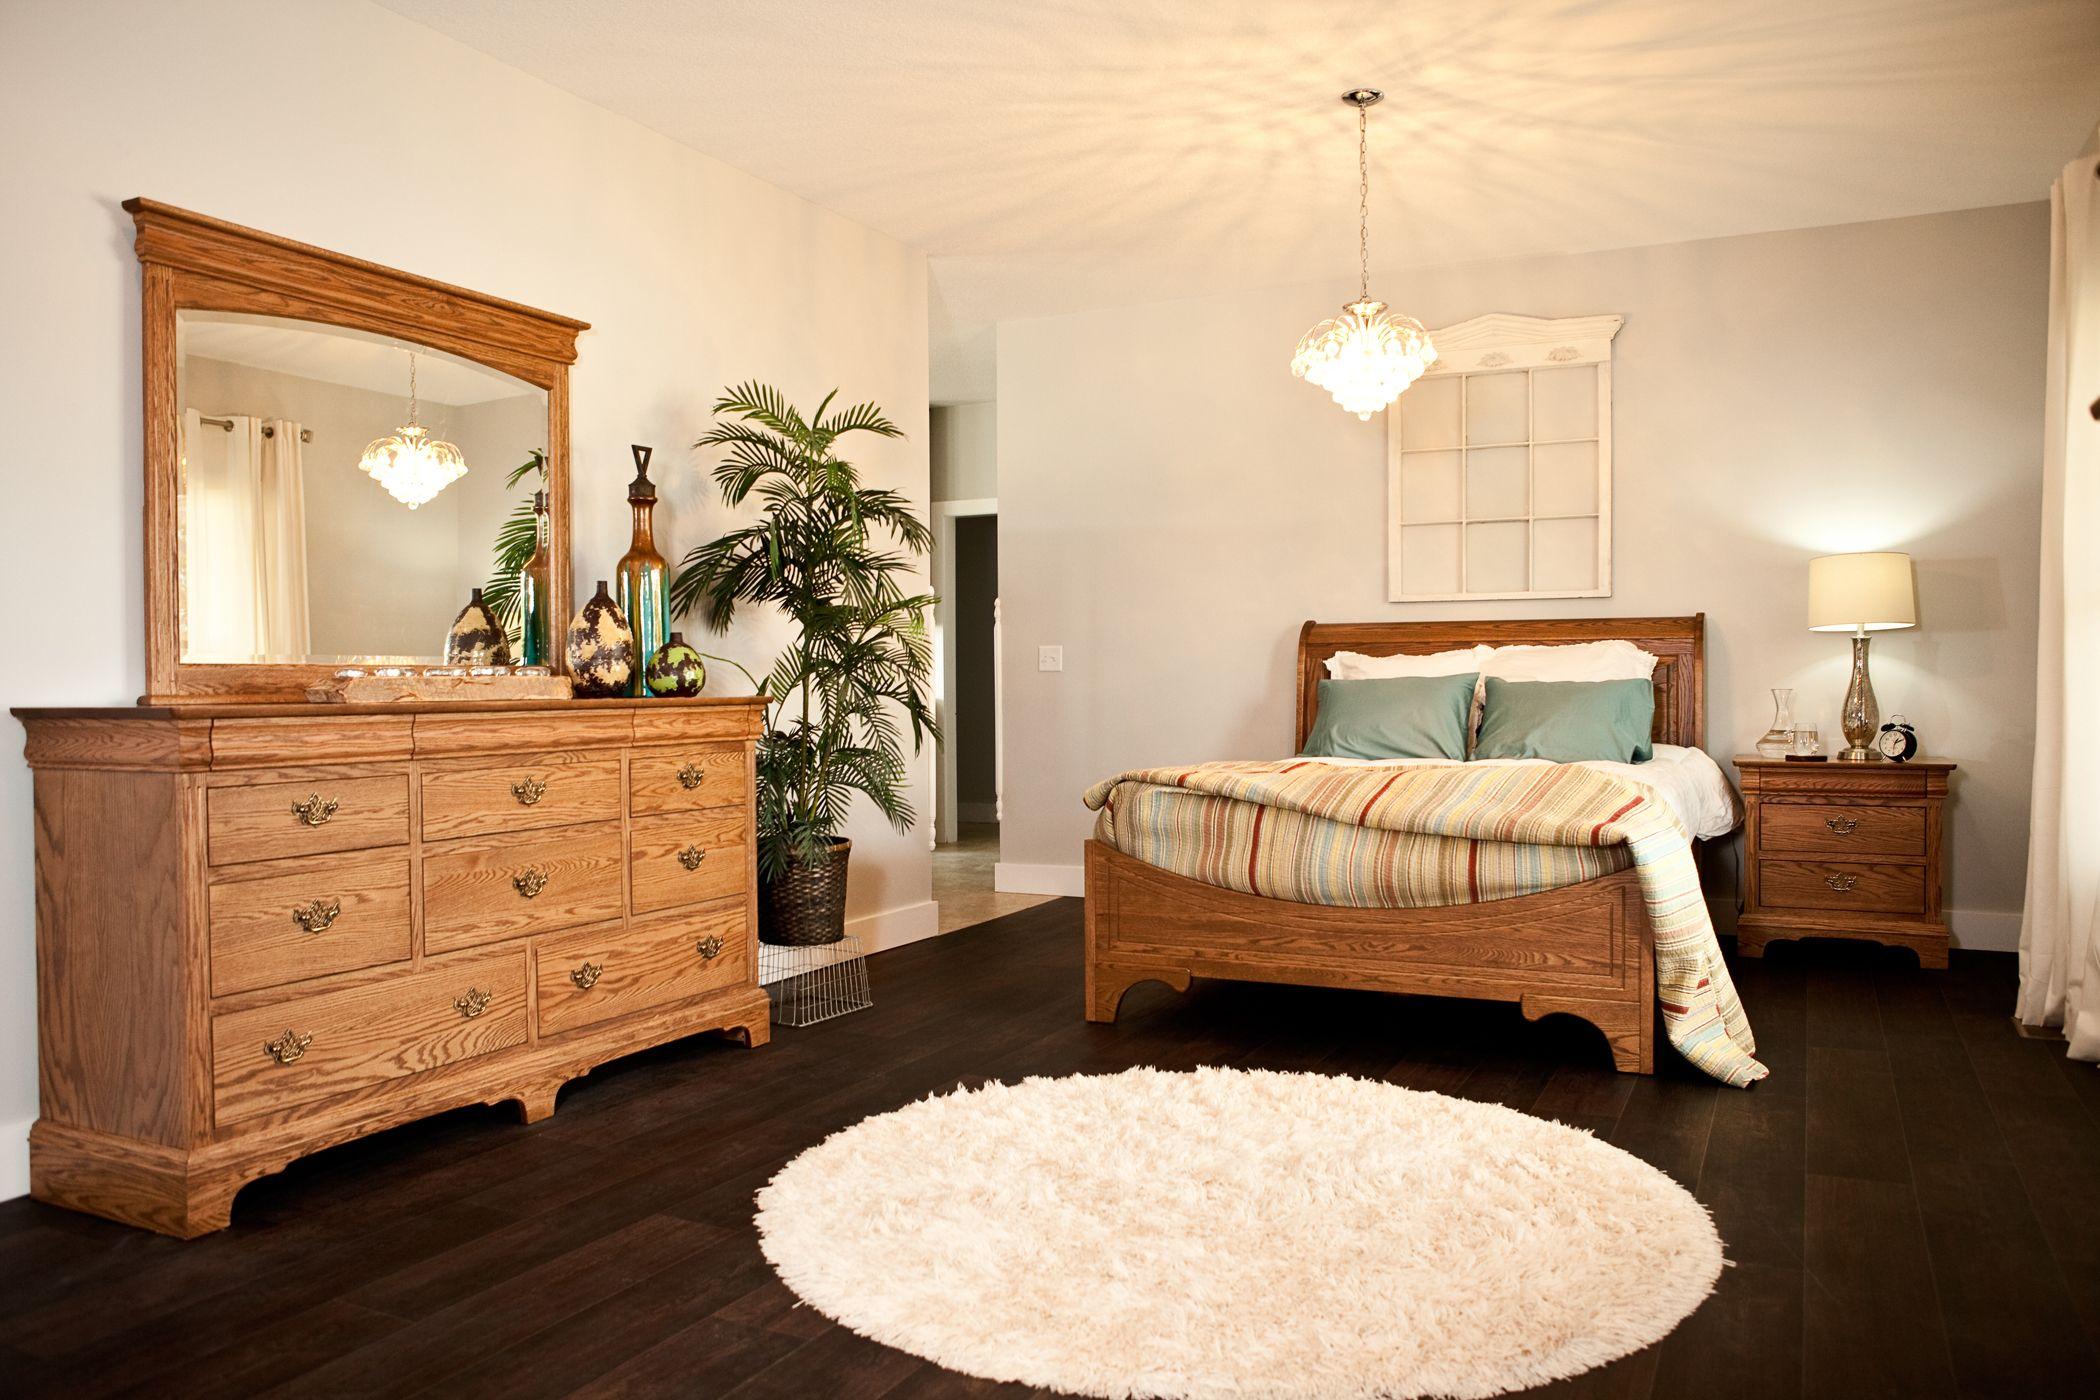 Edinburgh - Bedroom Set - EdinburghOakset from Oakwood ...